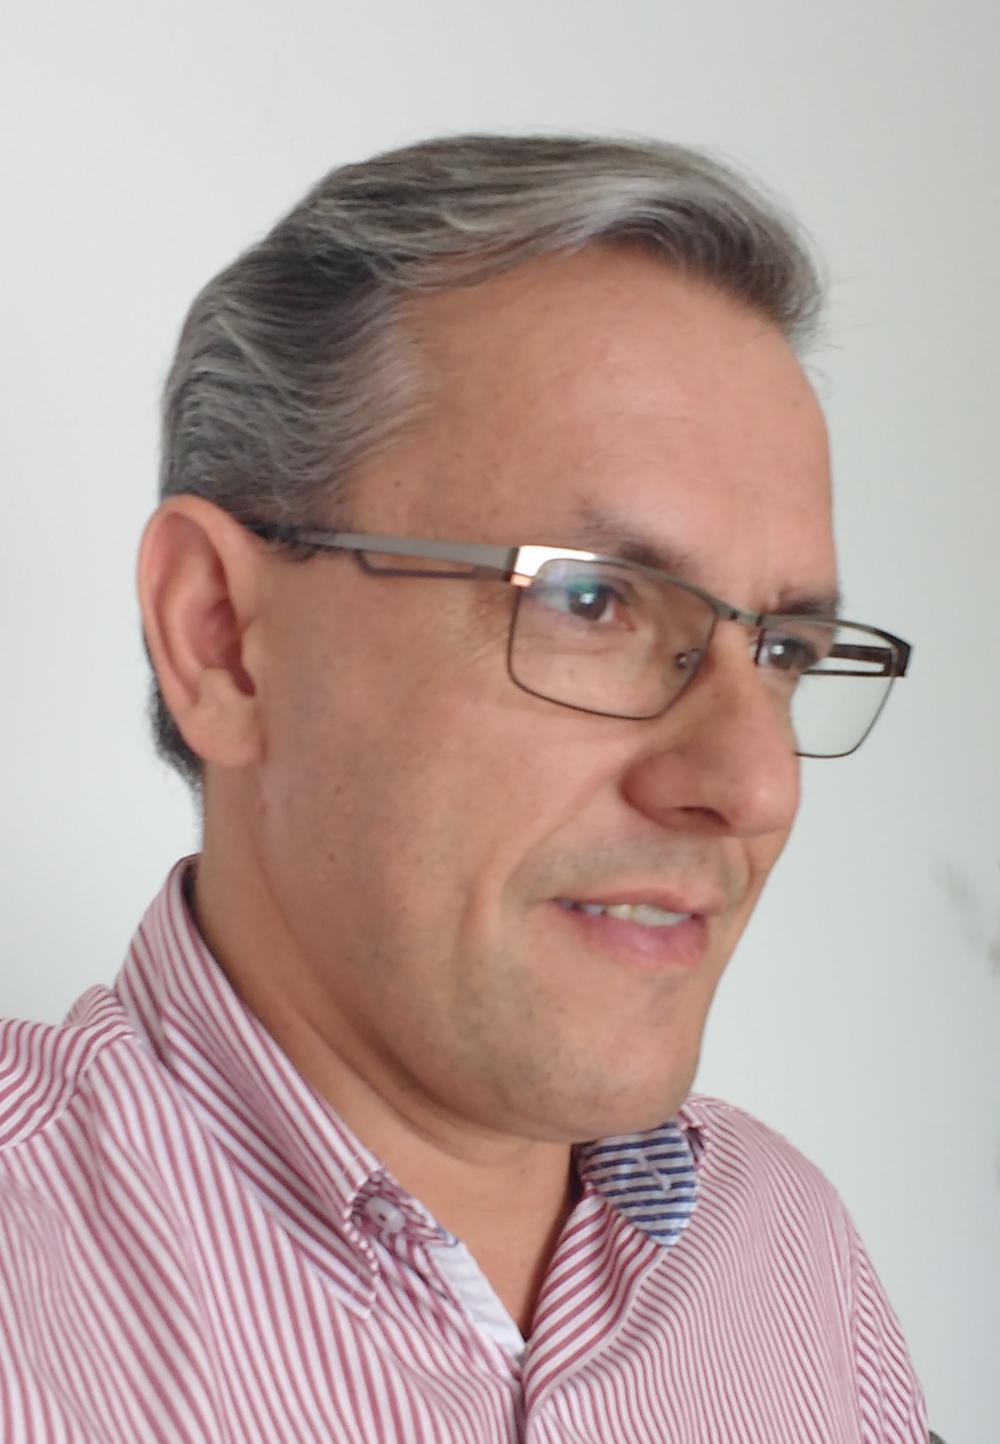 Marcio Oliviera, Independent consultant